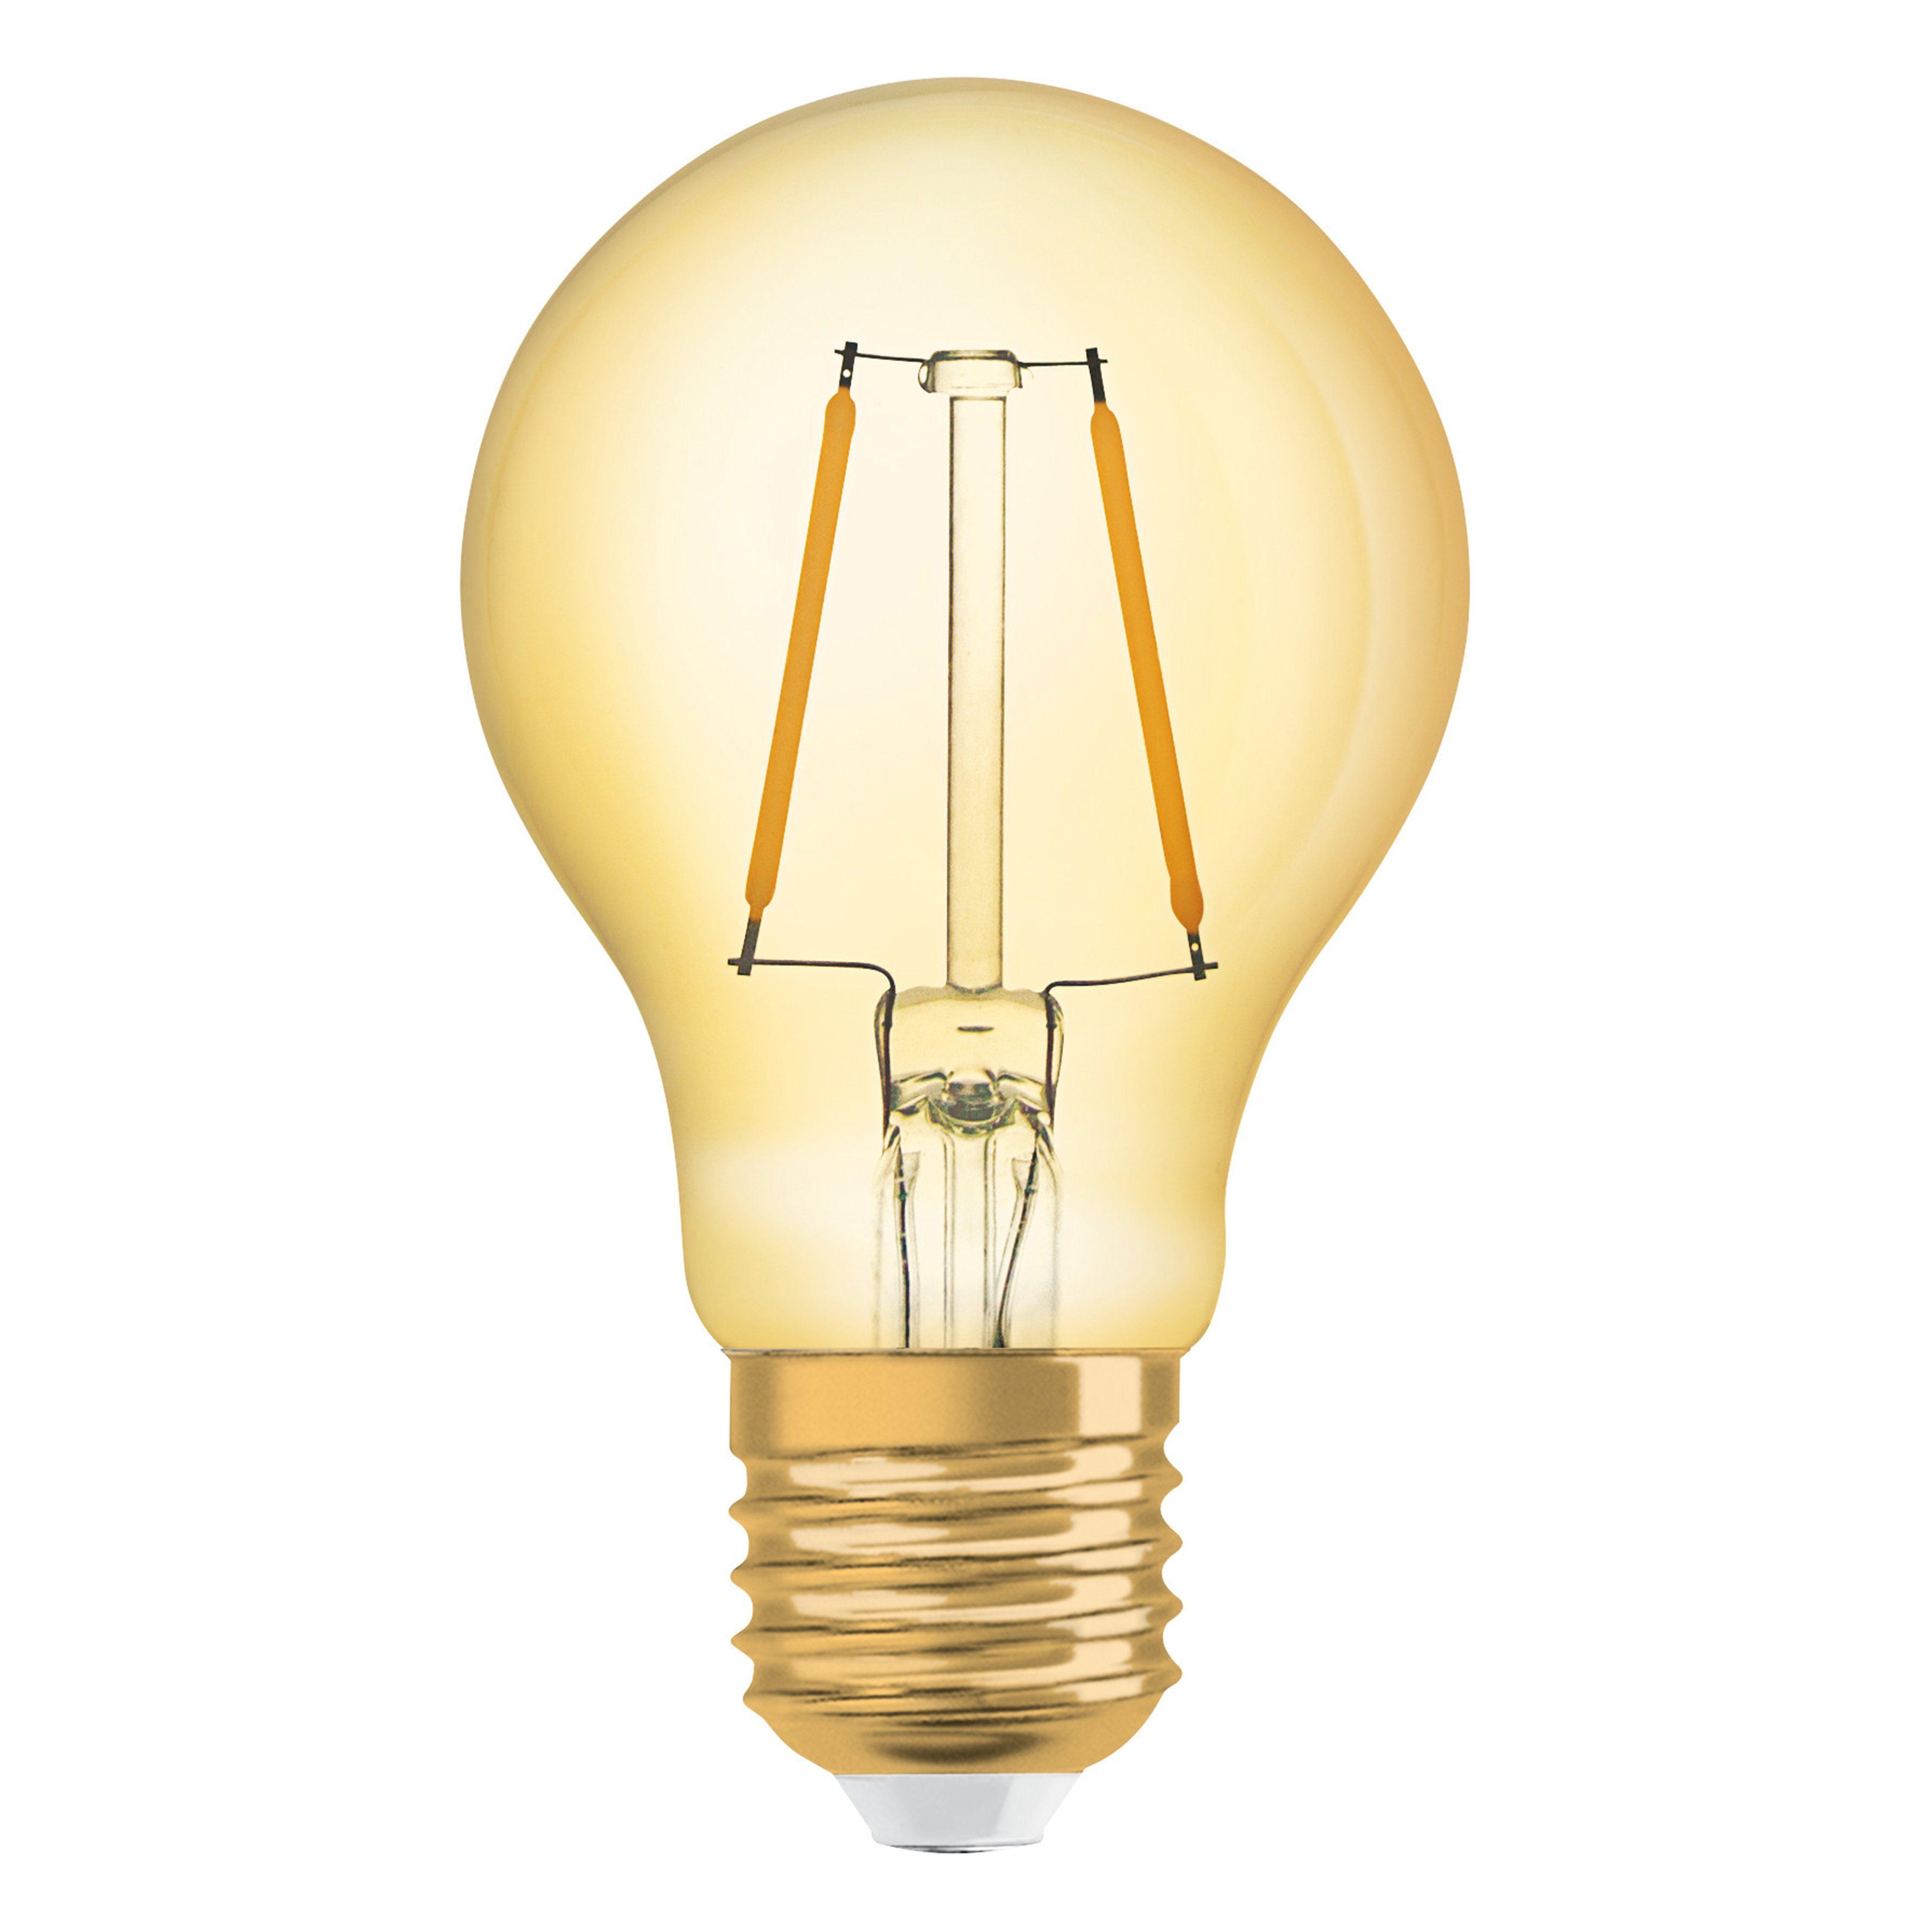 Osram LED-Lampe, Vintage-Edition, Kolbenform »Vintage 1906 LED 22 2.5 W/825 E27 GOLD«